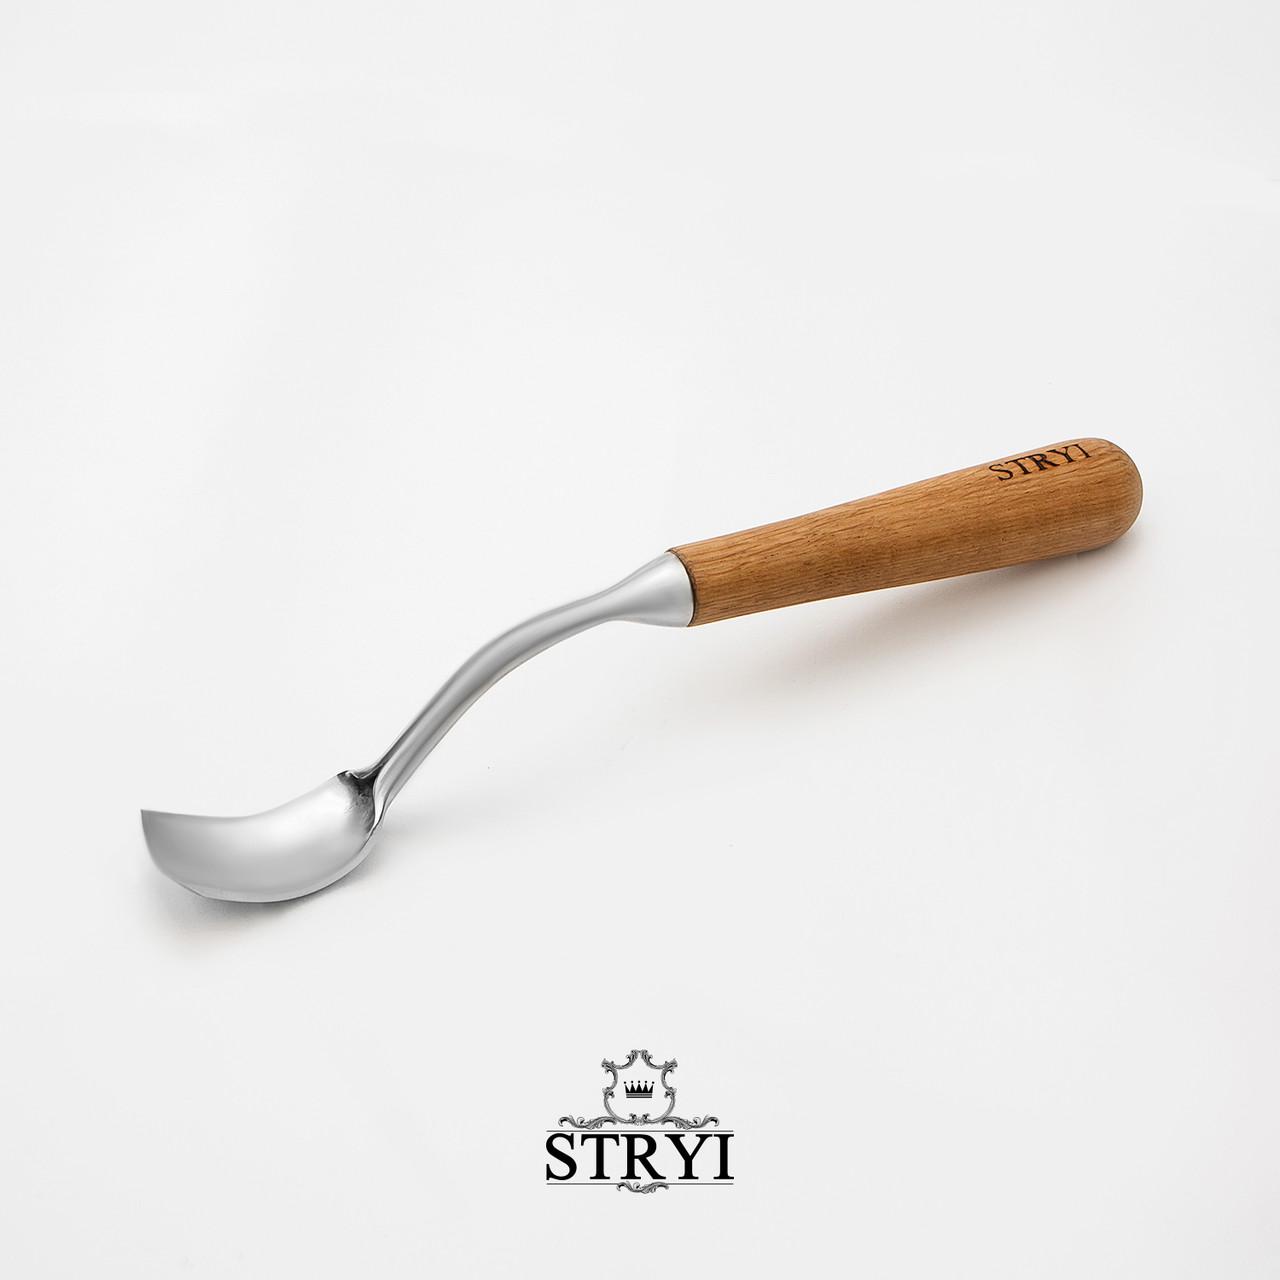 Стамеска-клюкарза вибірка 30мм для різьби по дереву від виробника STRYI